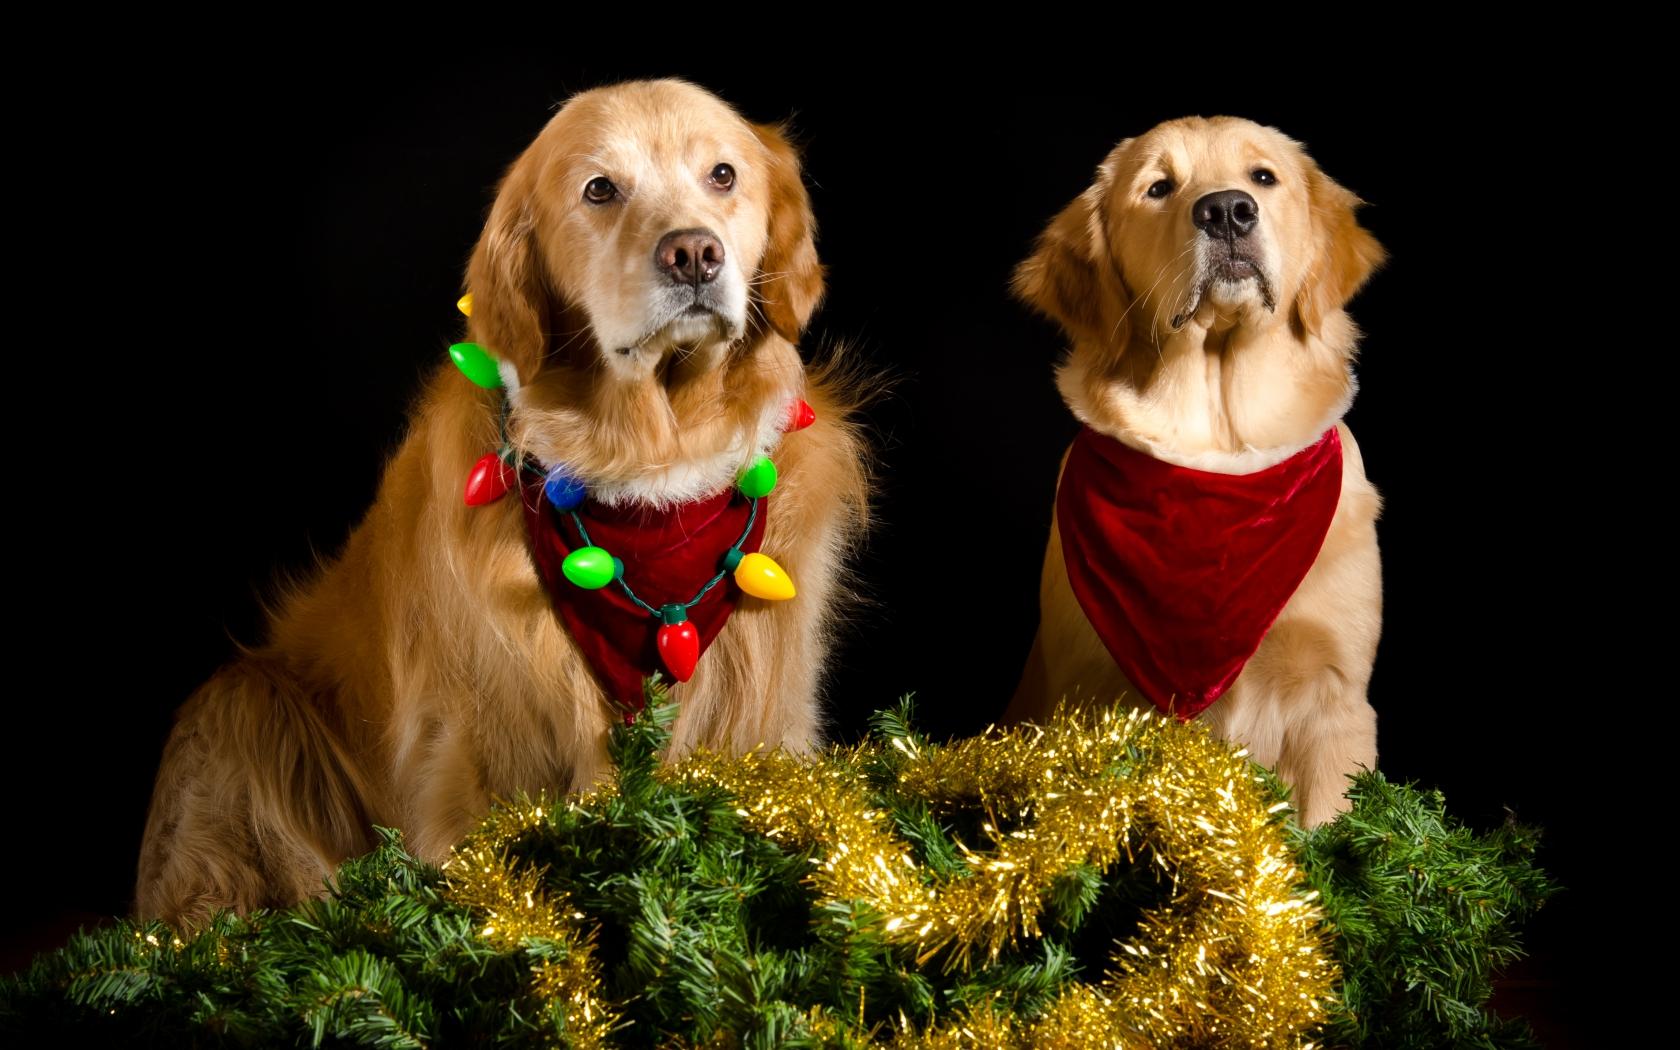 Perros con adornos Navidad - 1680x1050